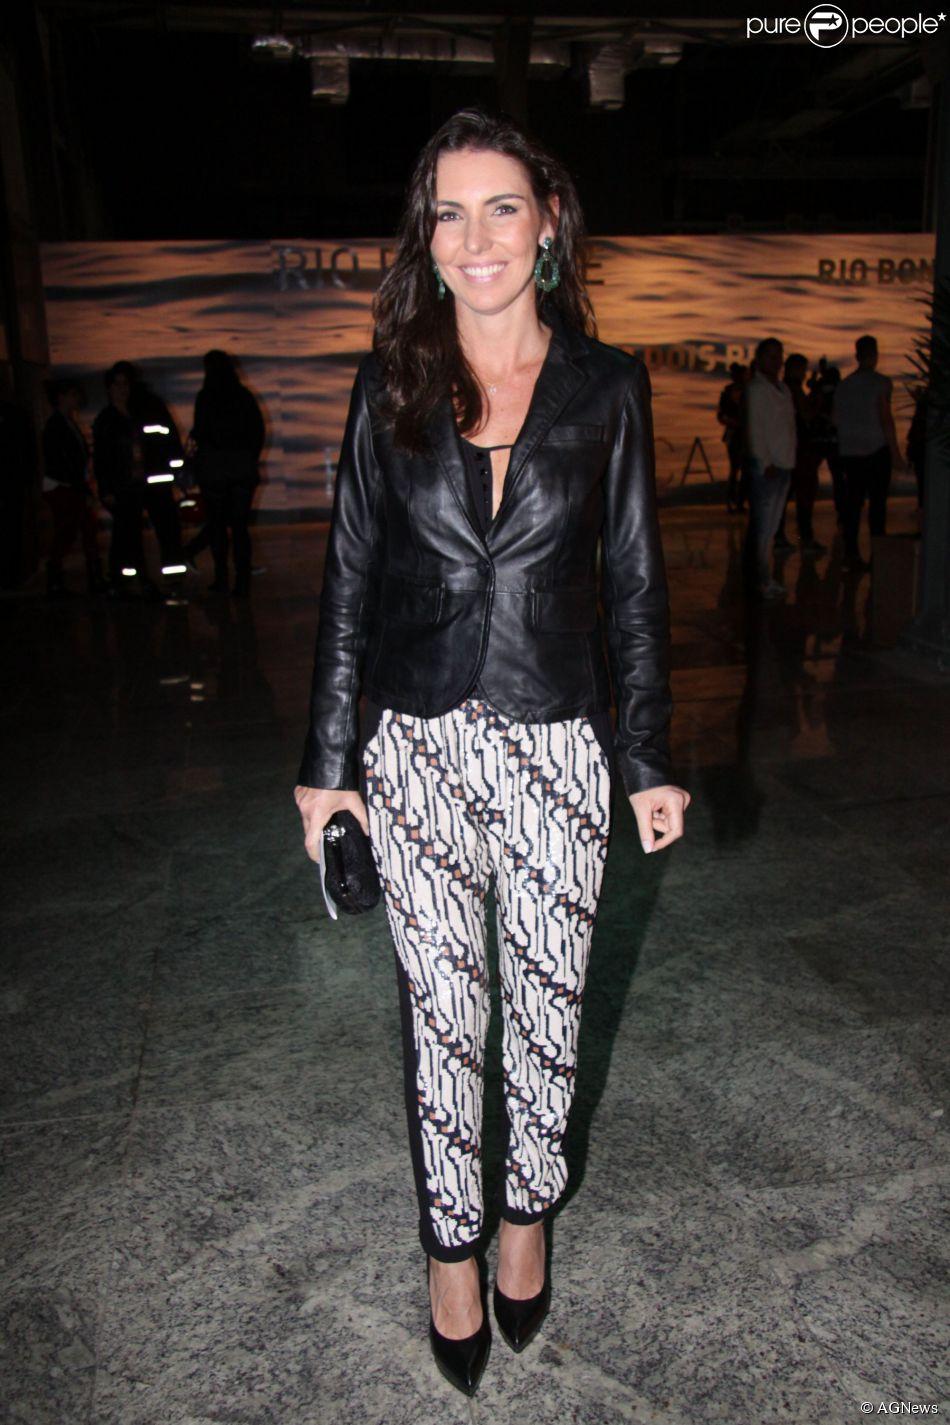 b935d3ba8 Glenda Kozlowski usa look com peças da marca Animale, composto por jaqueta  de couro e calça com detalhes em brilho